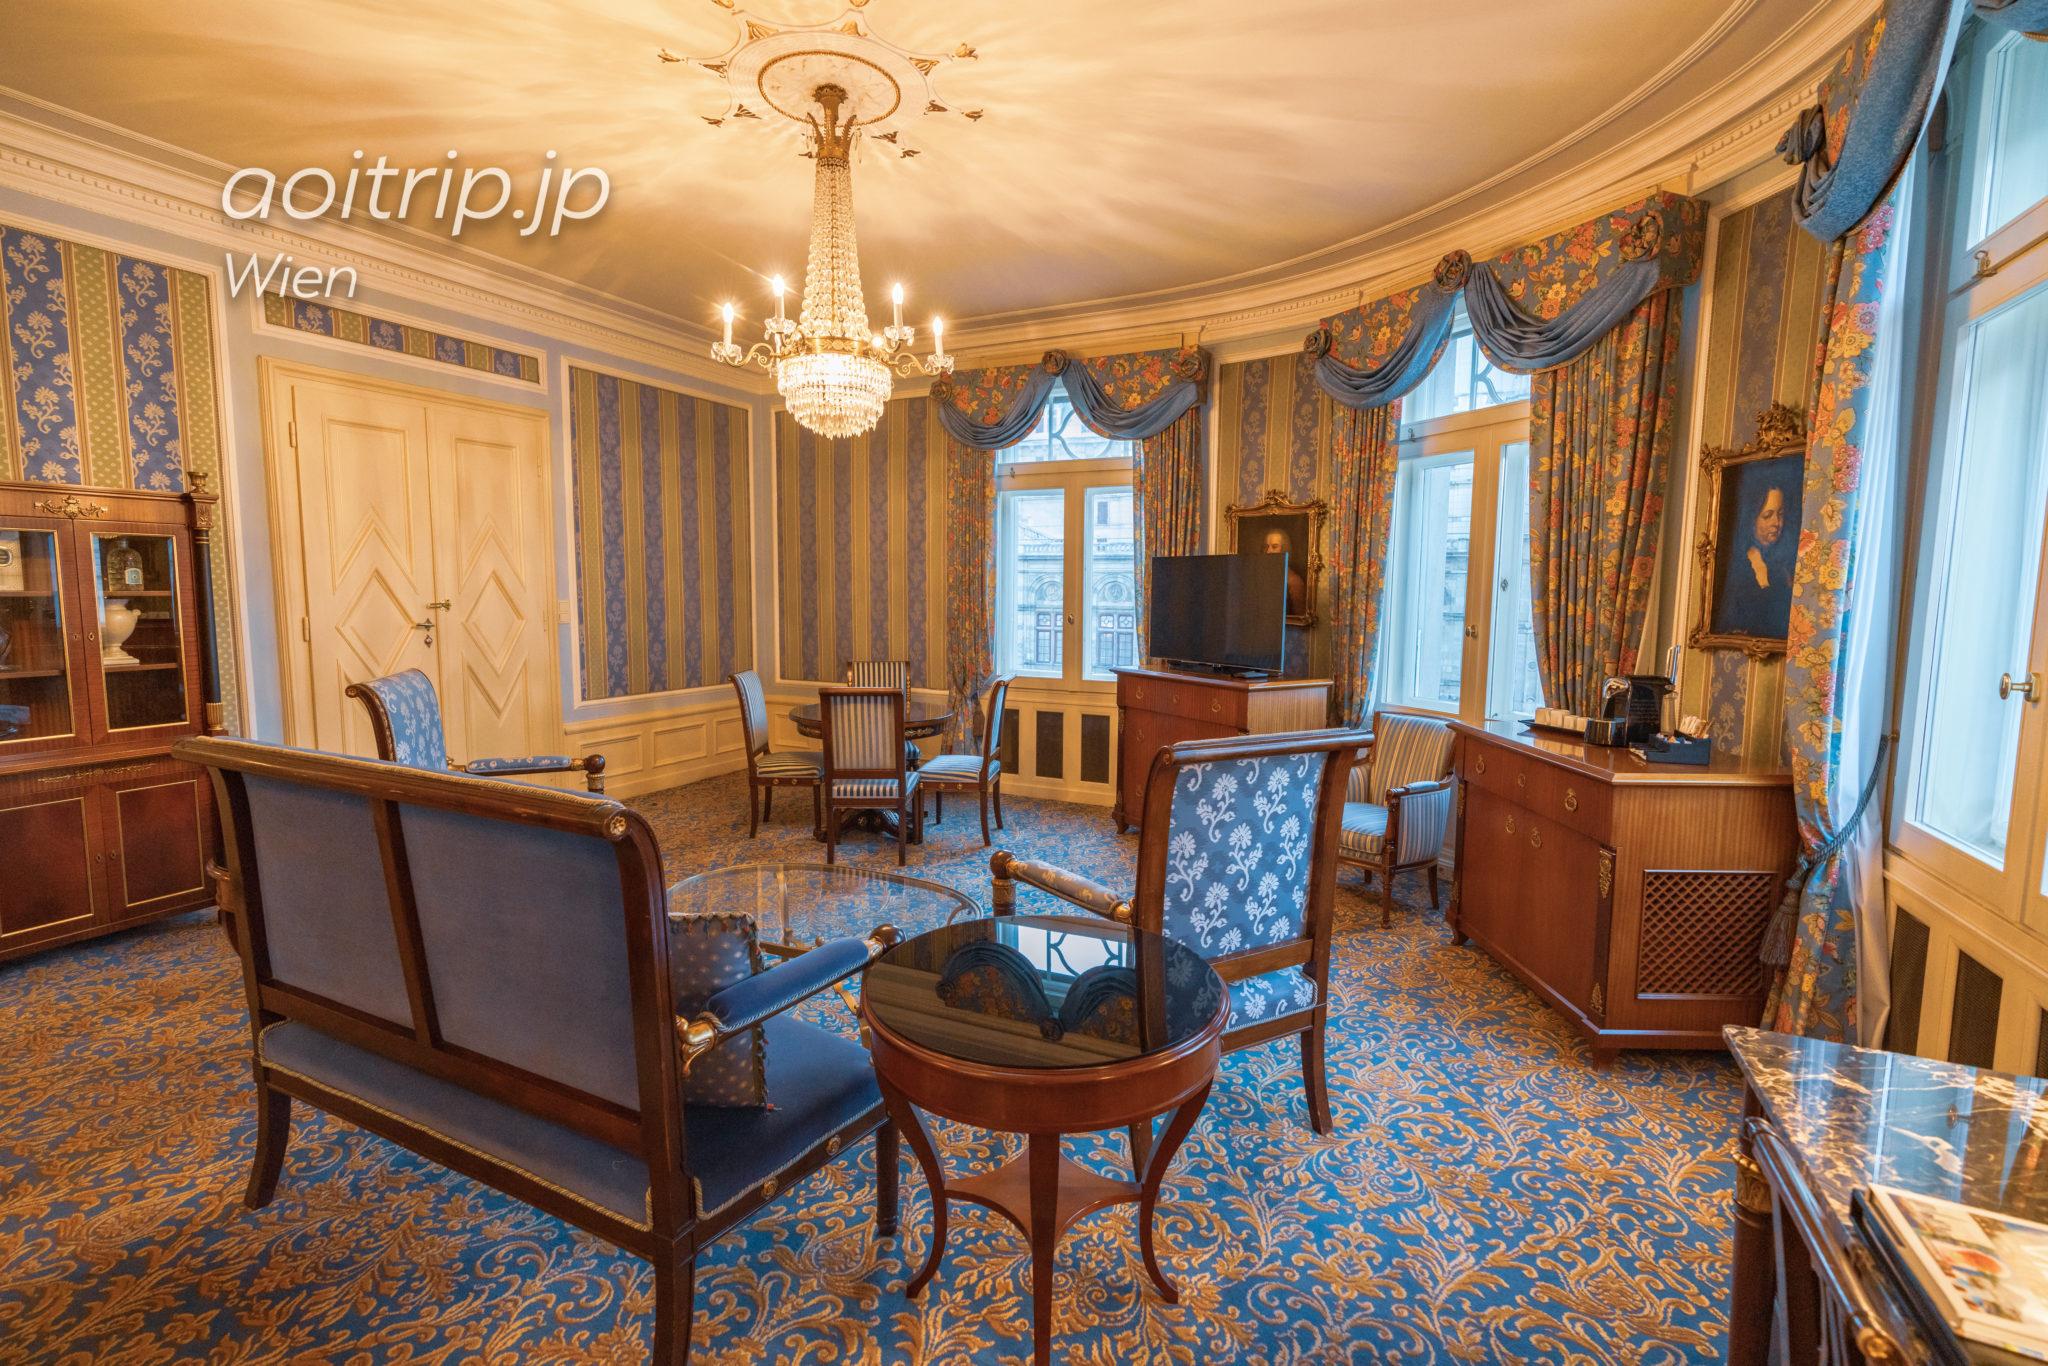 ホテルブリストルウィーンのオペラスイートルーム